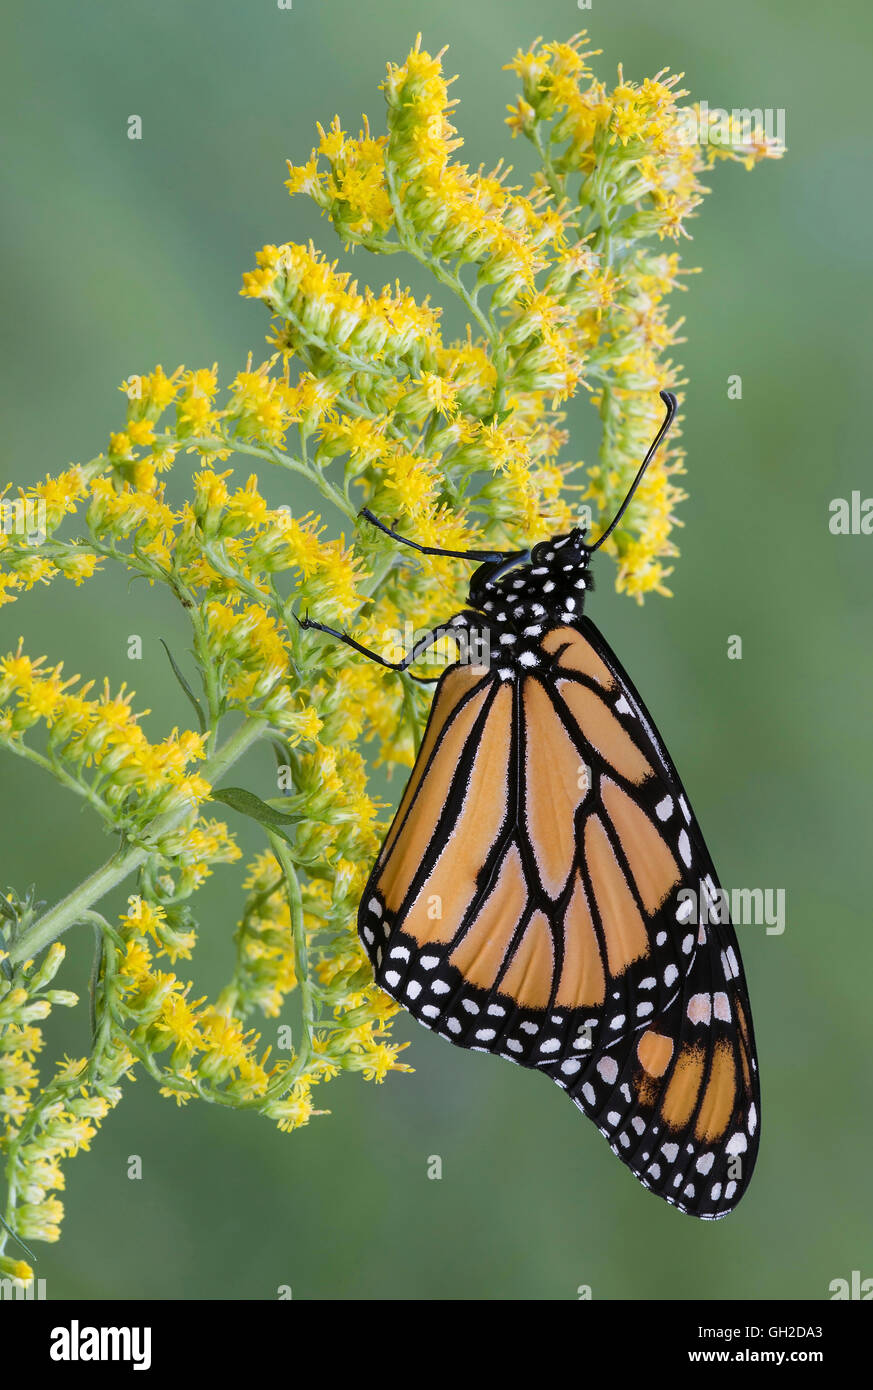 Farfalla monarca (Danaus plexippus) su oro (Solidago sps), fine estate, inizio autunno, E STATI UNITI D'AMERICA, Immagini Stock